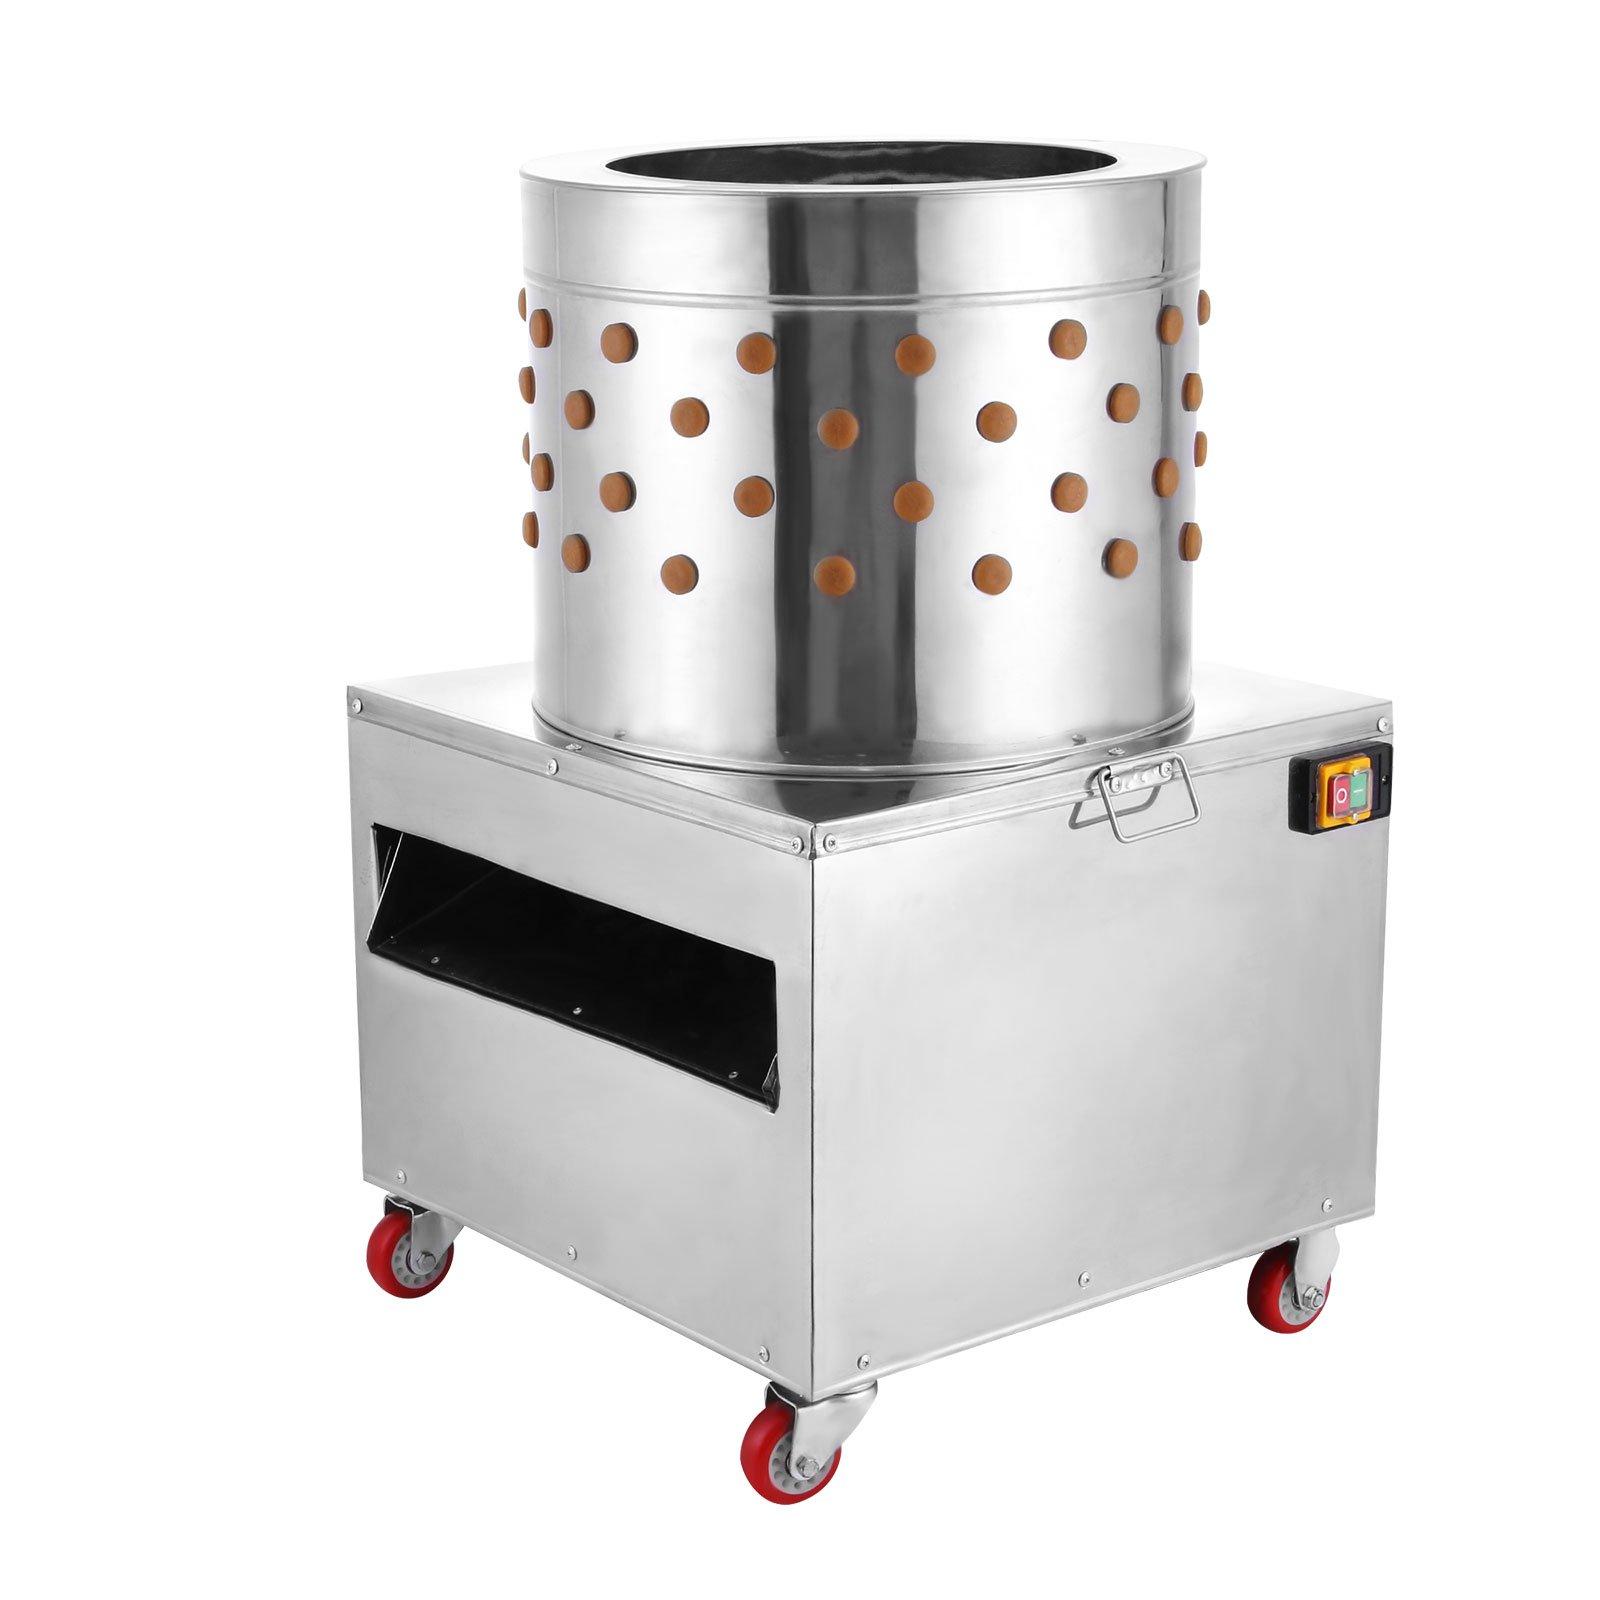 VEVOR Stainless Steel Chicken Plucker Turkey Poultry Defeather Plucking Machine 20Inch by VEVOR